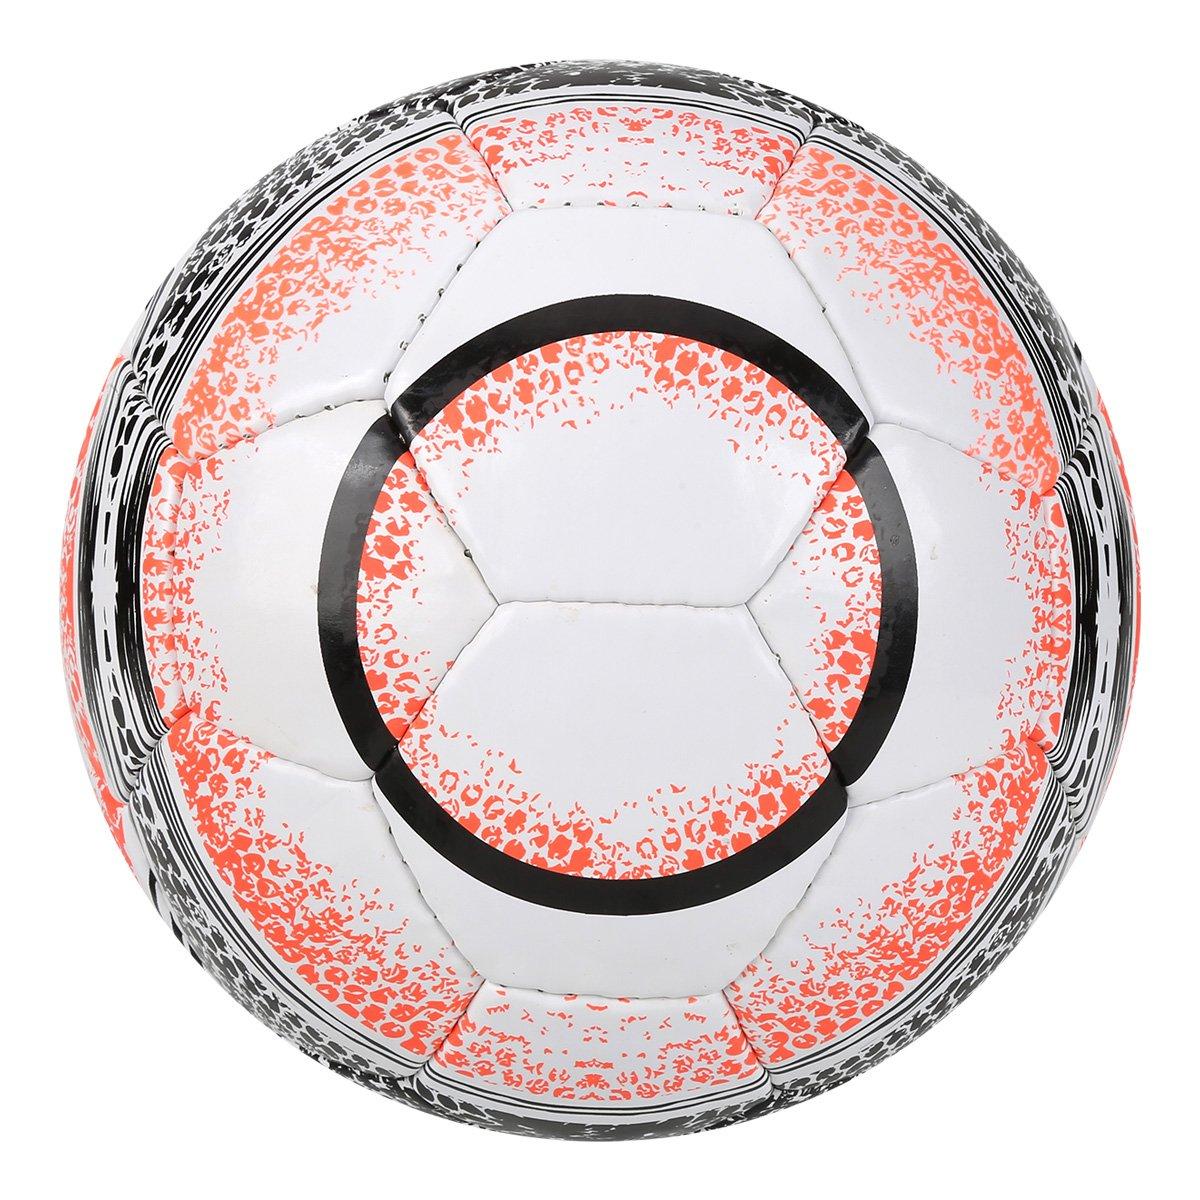 Bola Futsal Penalty Storm 500 C C VIII - Branco e Preto - Compre ... cefae936f7c50